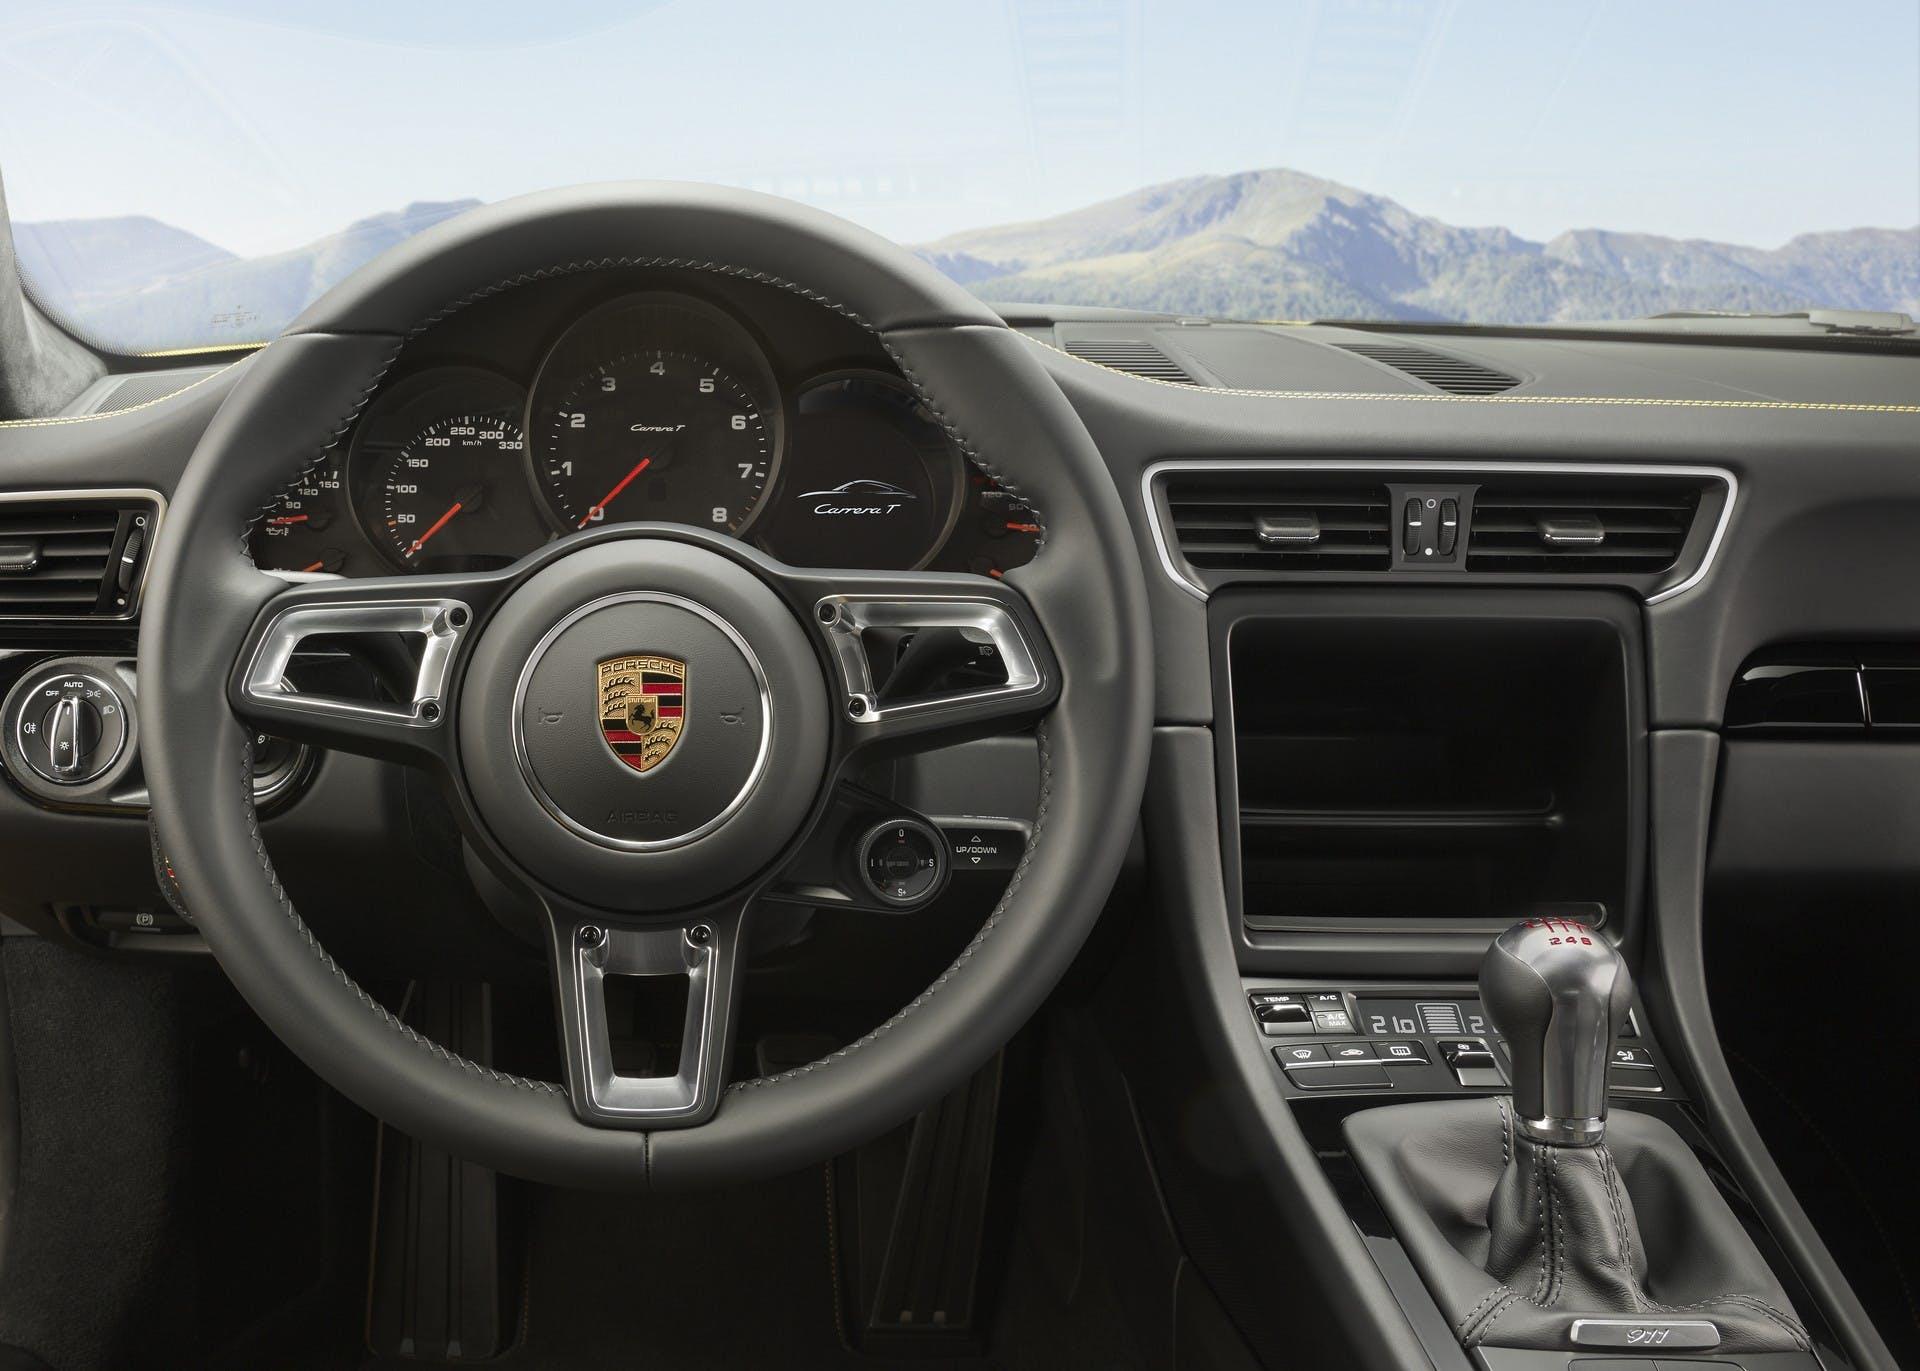 Porsche 911 Carrera T interni